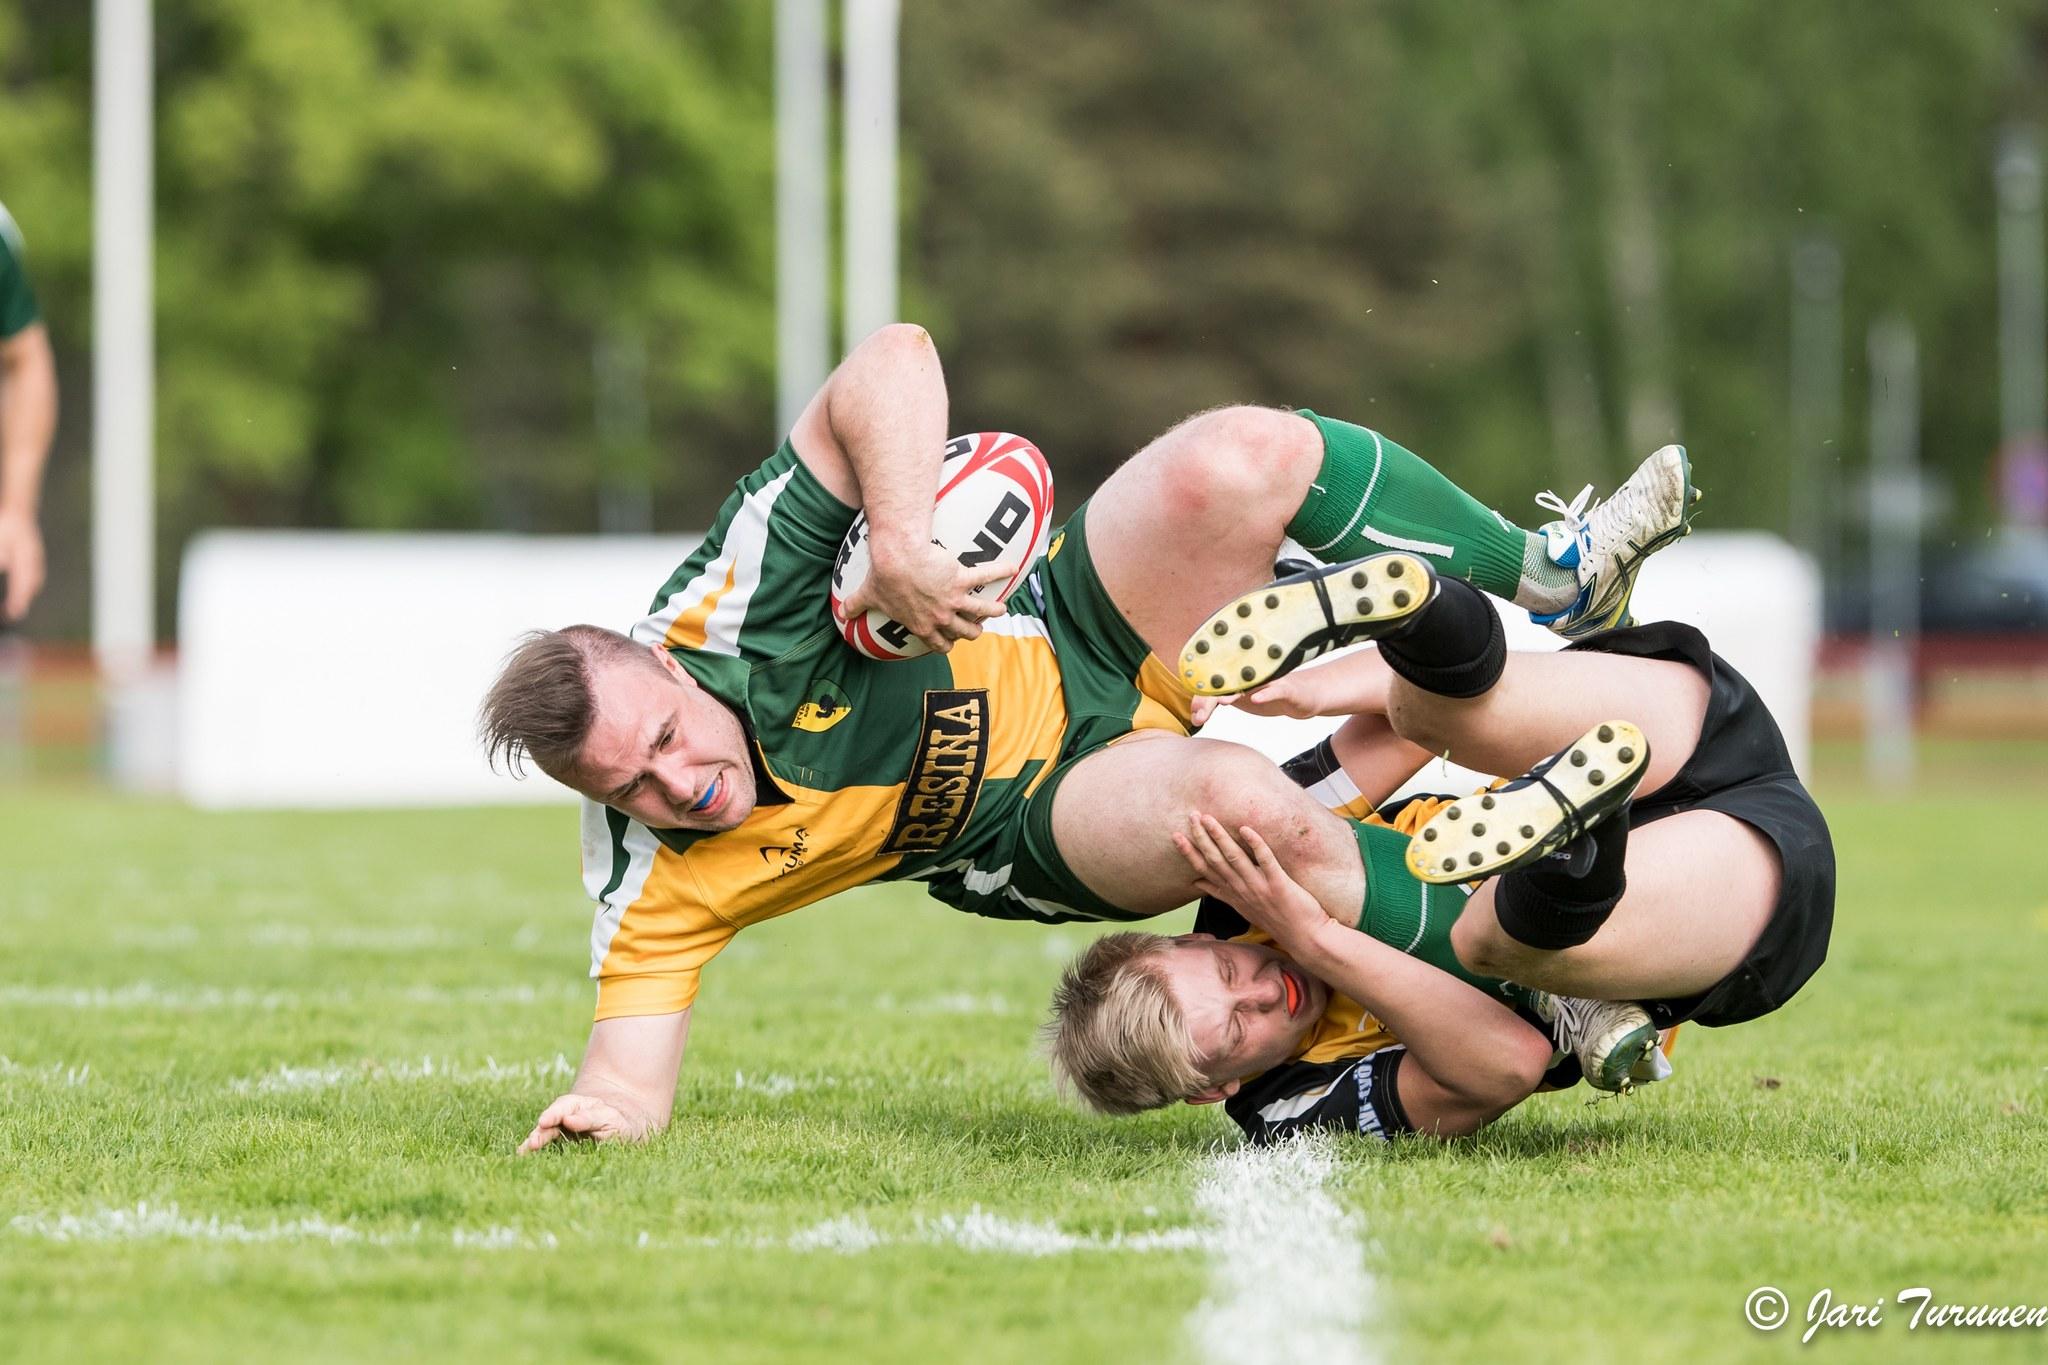 Kuopio Rugby Club - Jyväskylä Rugby Club 170617 - jat.kuvat.fi 599688f3f4